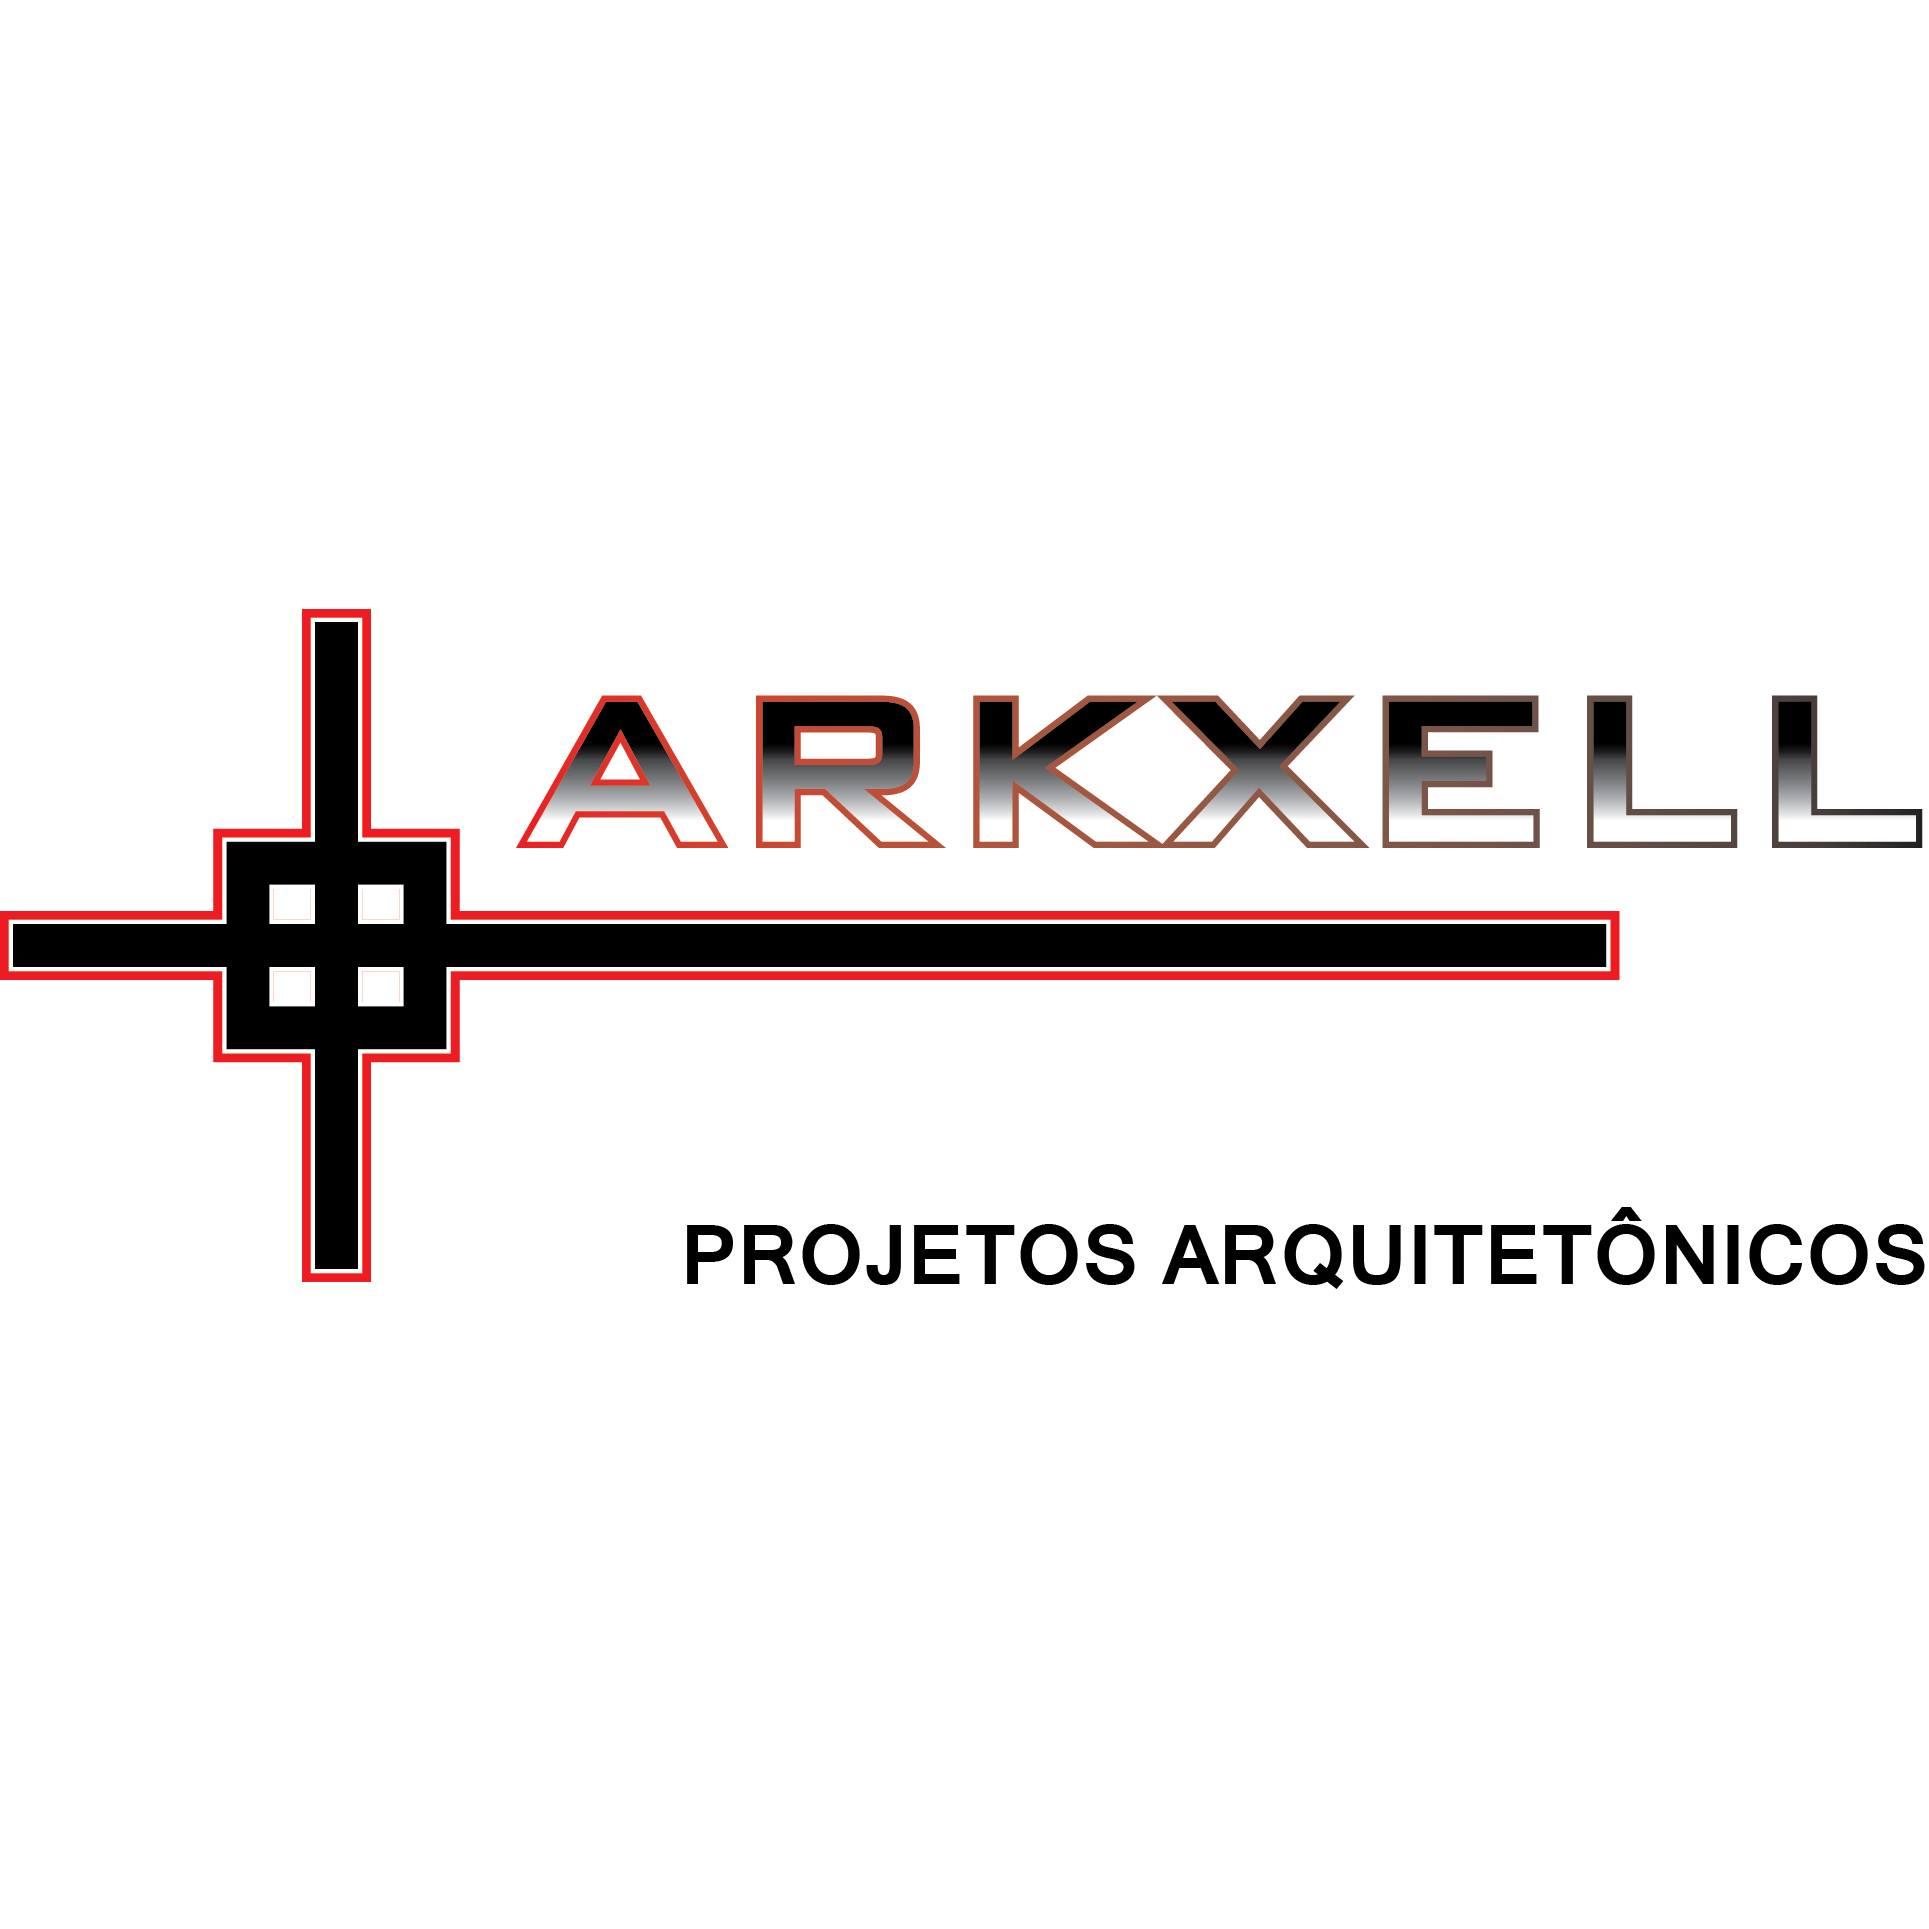 ARKXELL - Projetos Arquitetônicos